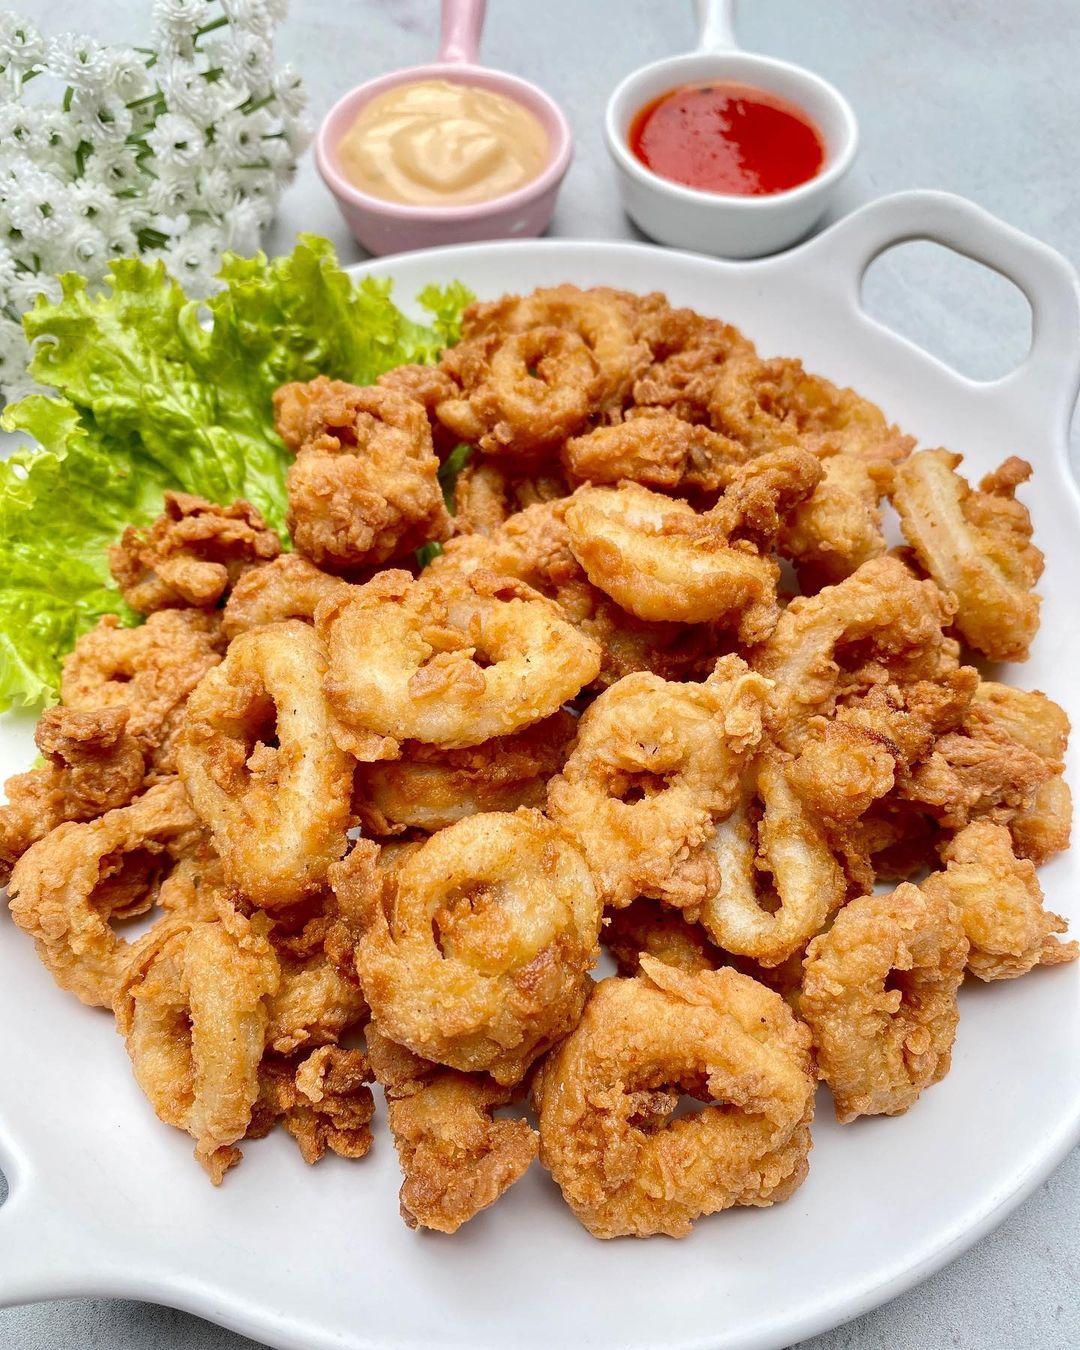 Yummy 5 Resep Rumahan Cumi Goreng Tepung Renyah Dan Lezat Seperti Di Restoran Orami